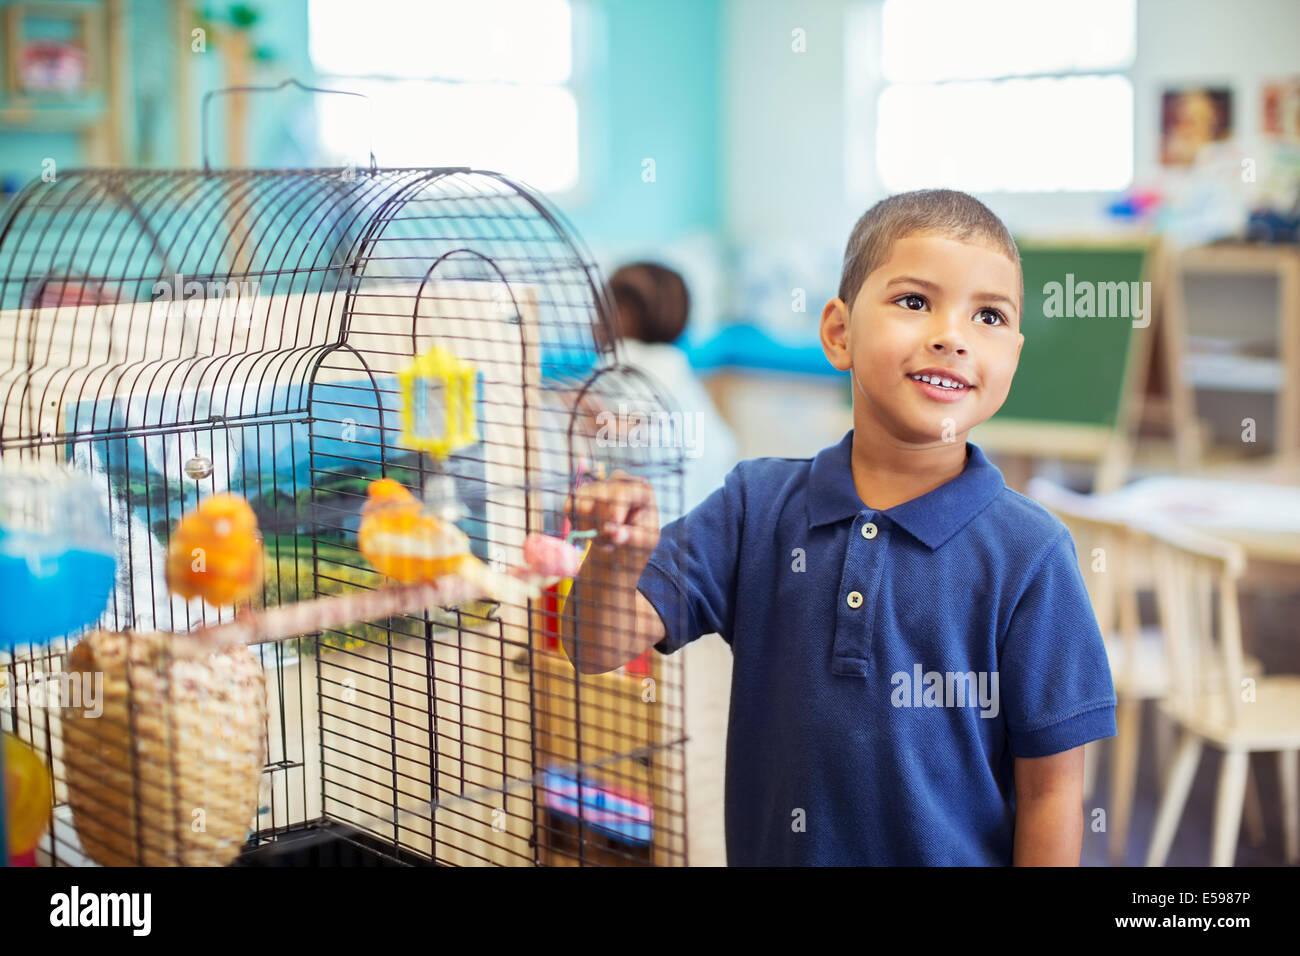 Estudiante examinar en forma de jaula en el aula Imagen De Stock